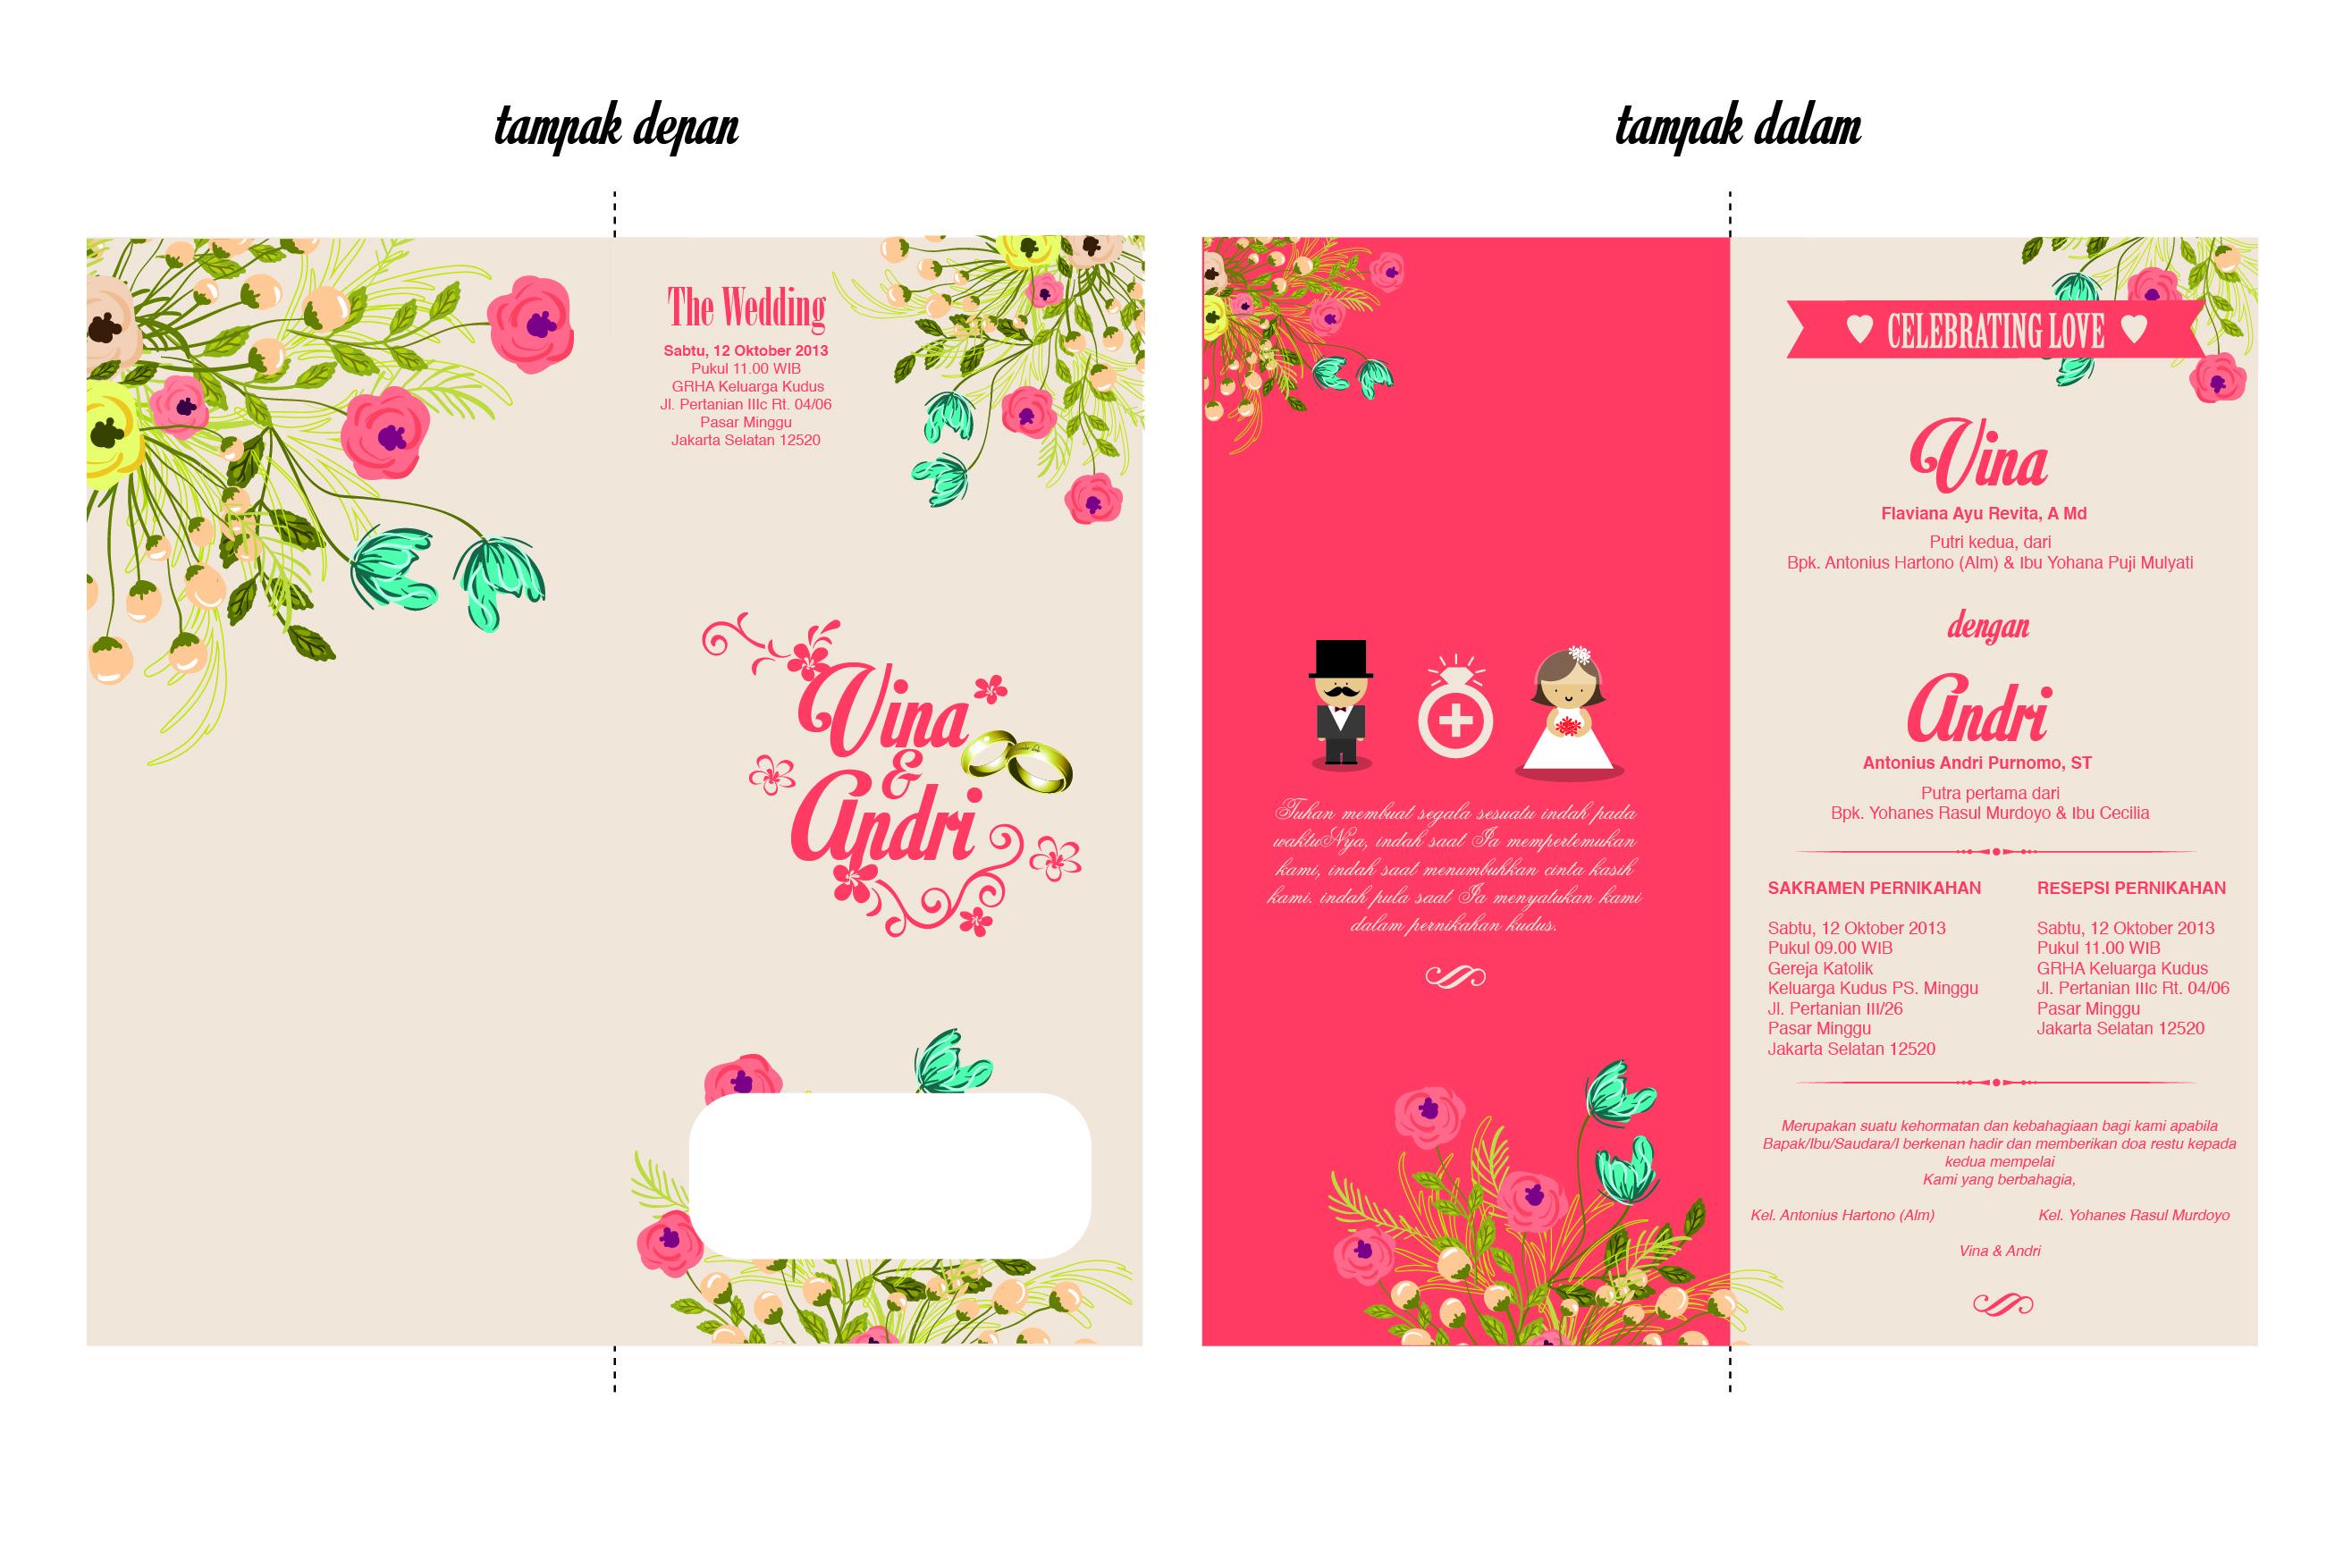 Undangan Pernikahan Vina & Andri